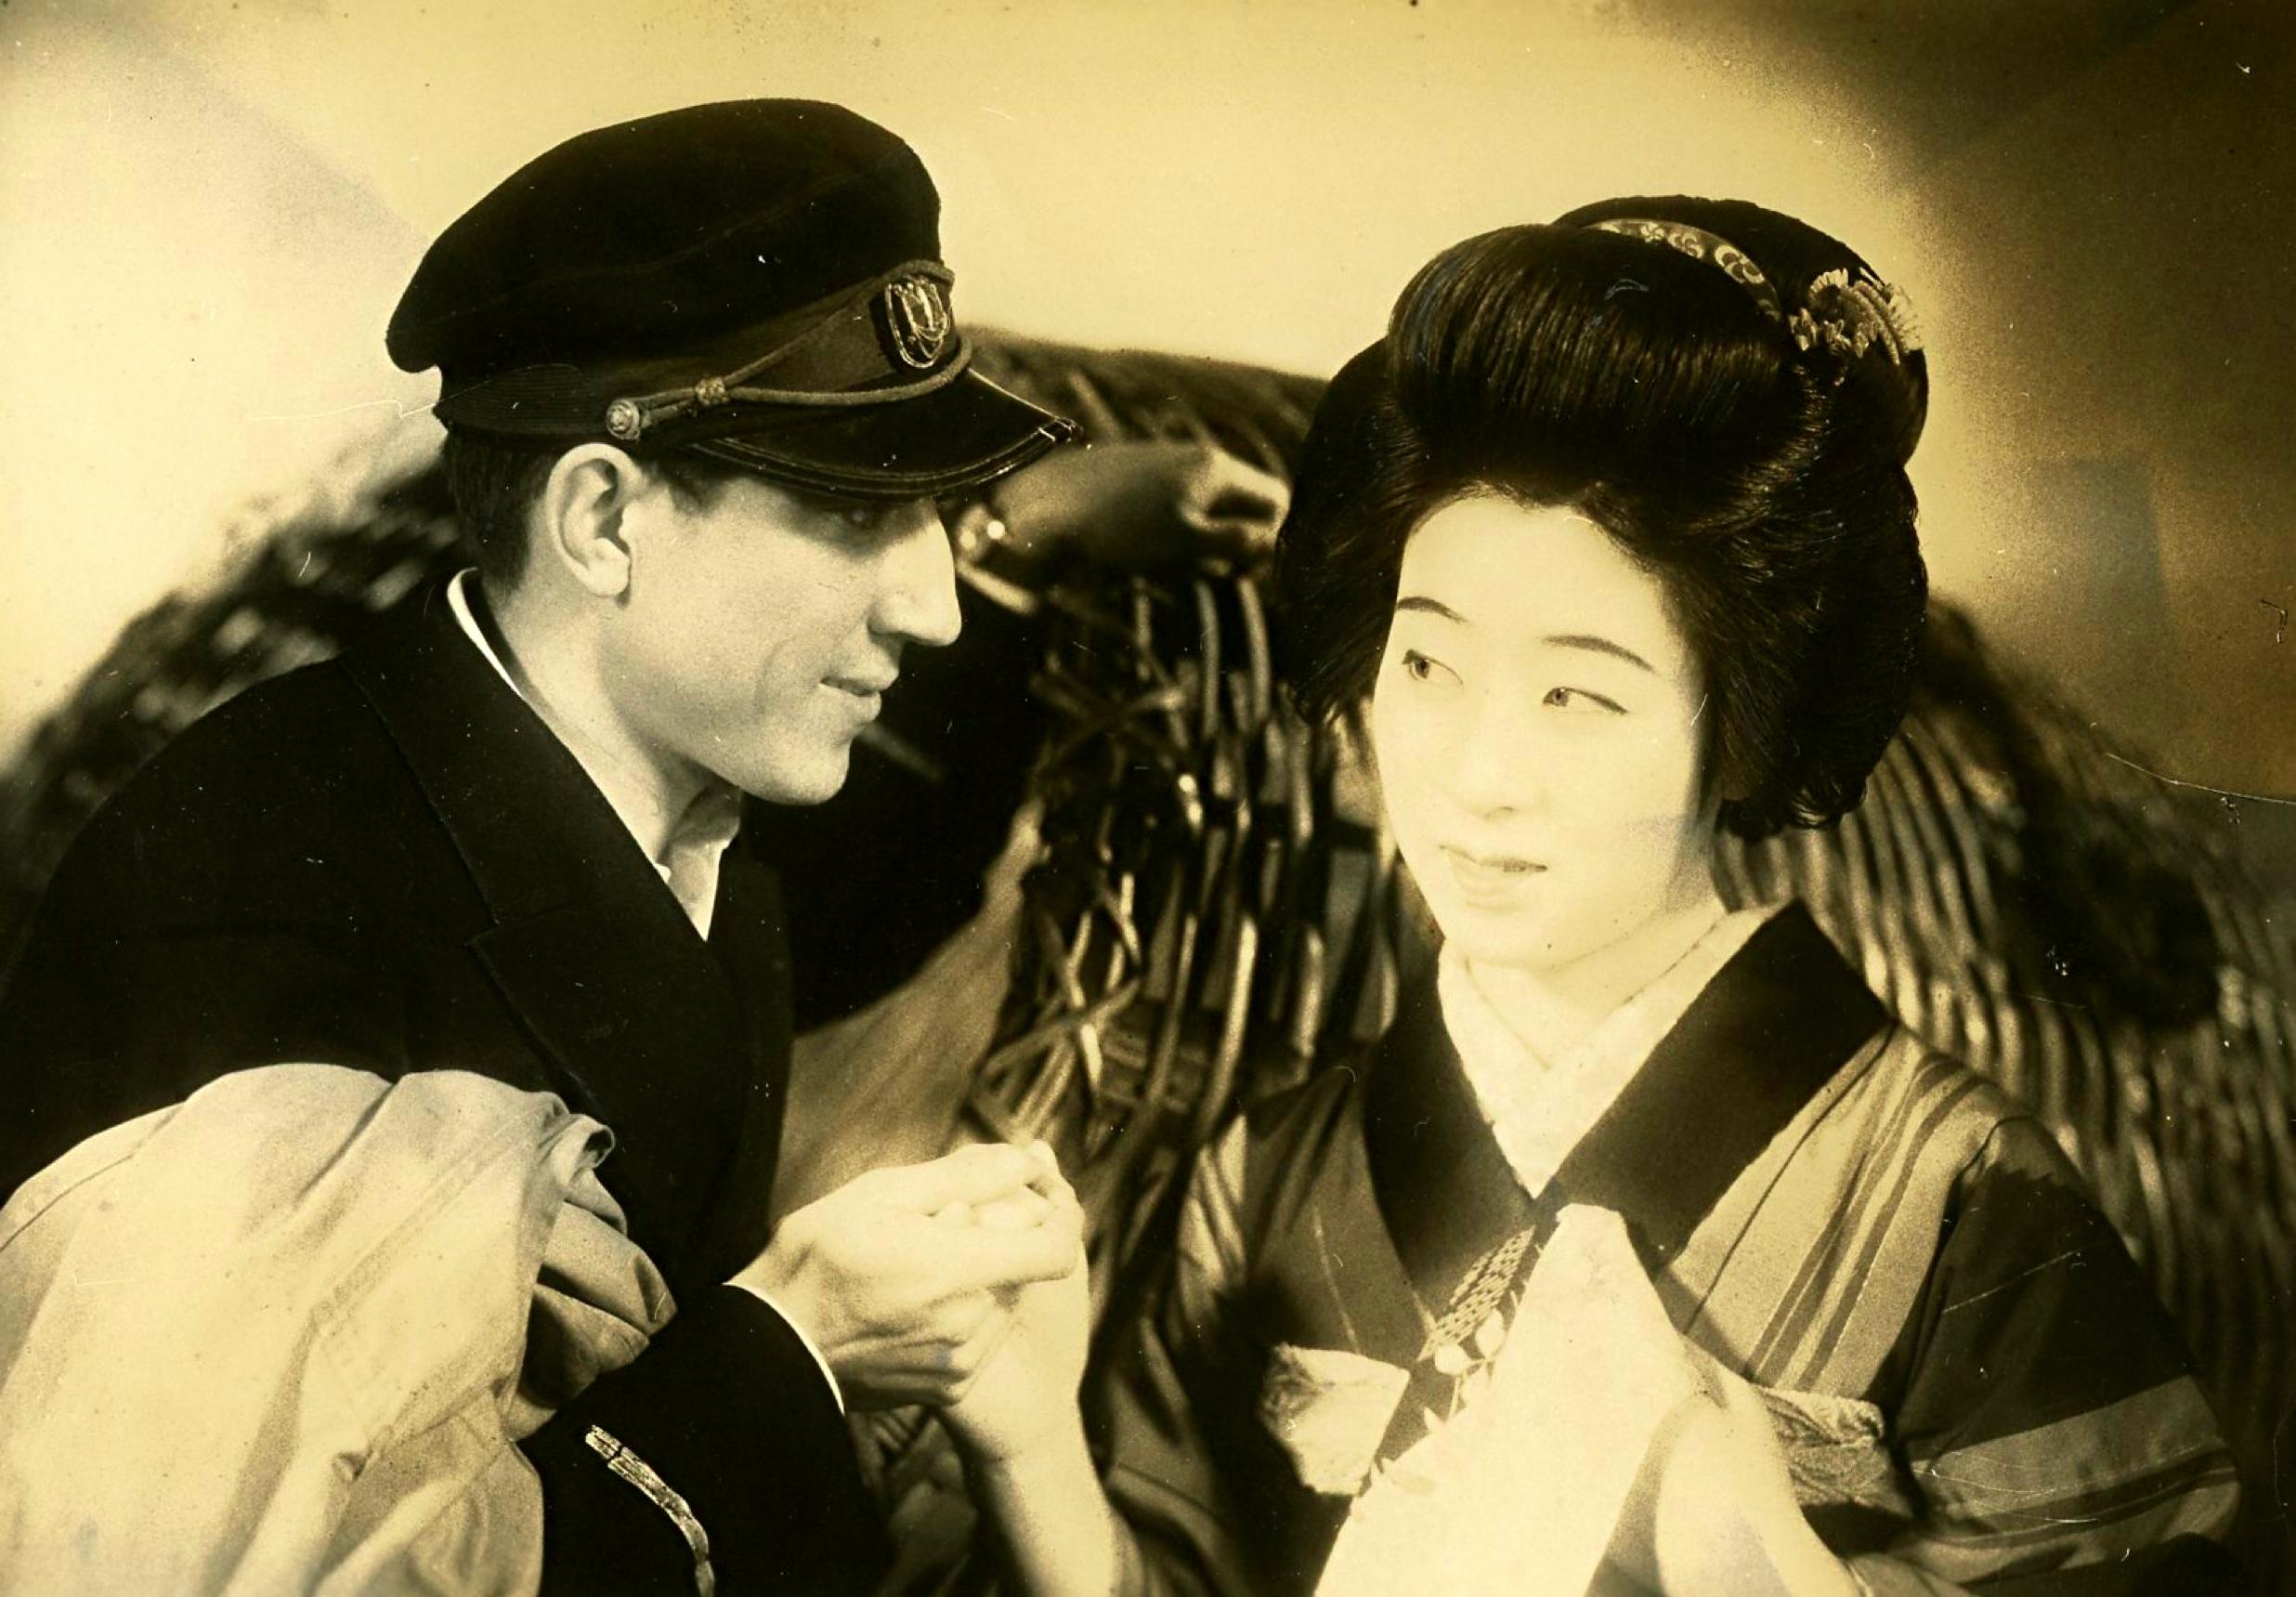 SHIMA NO MUSUME (JP 1933) Credit: National Film Center, Tokyo / Shochiku